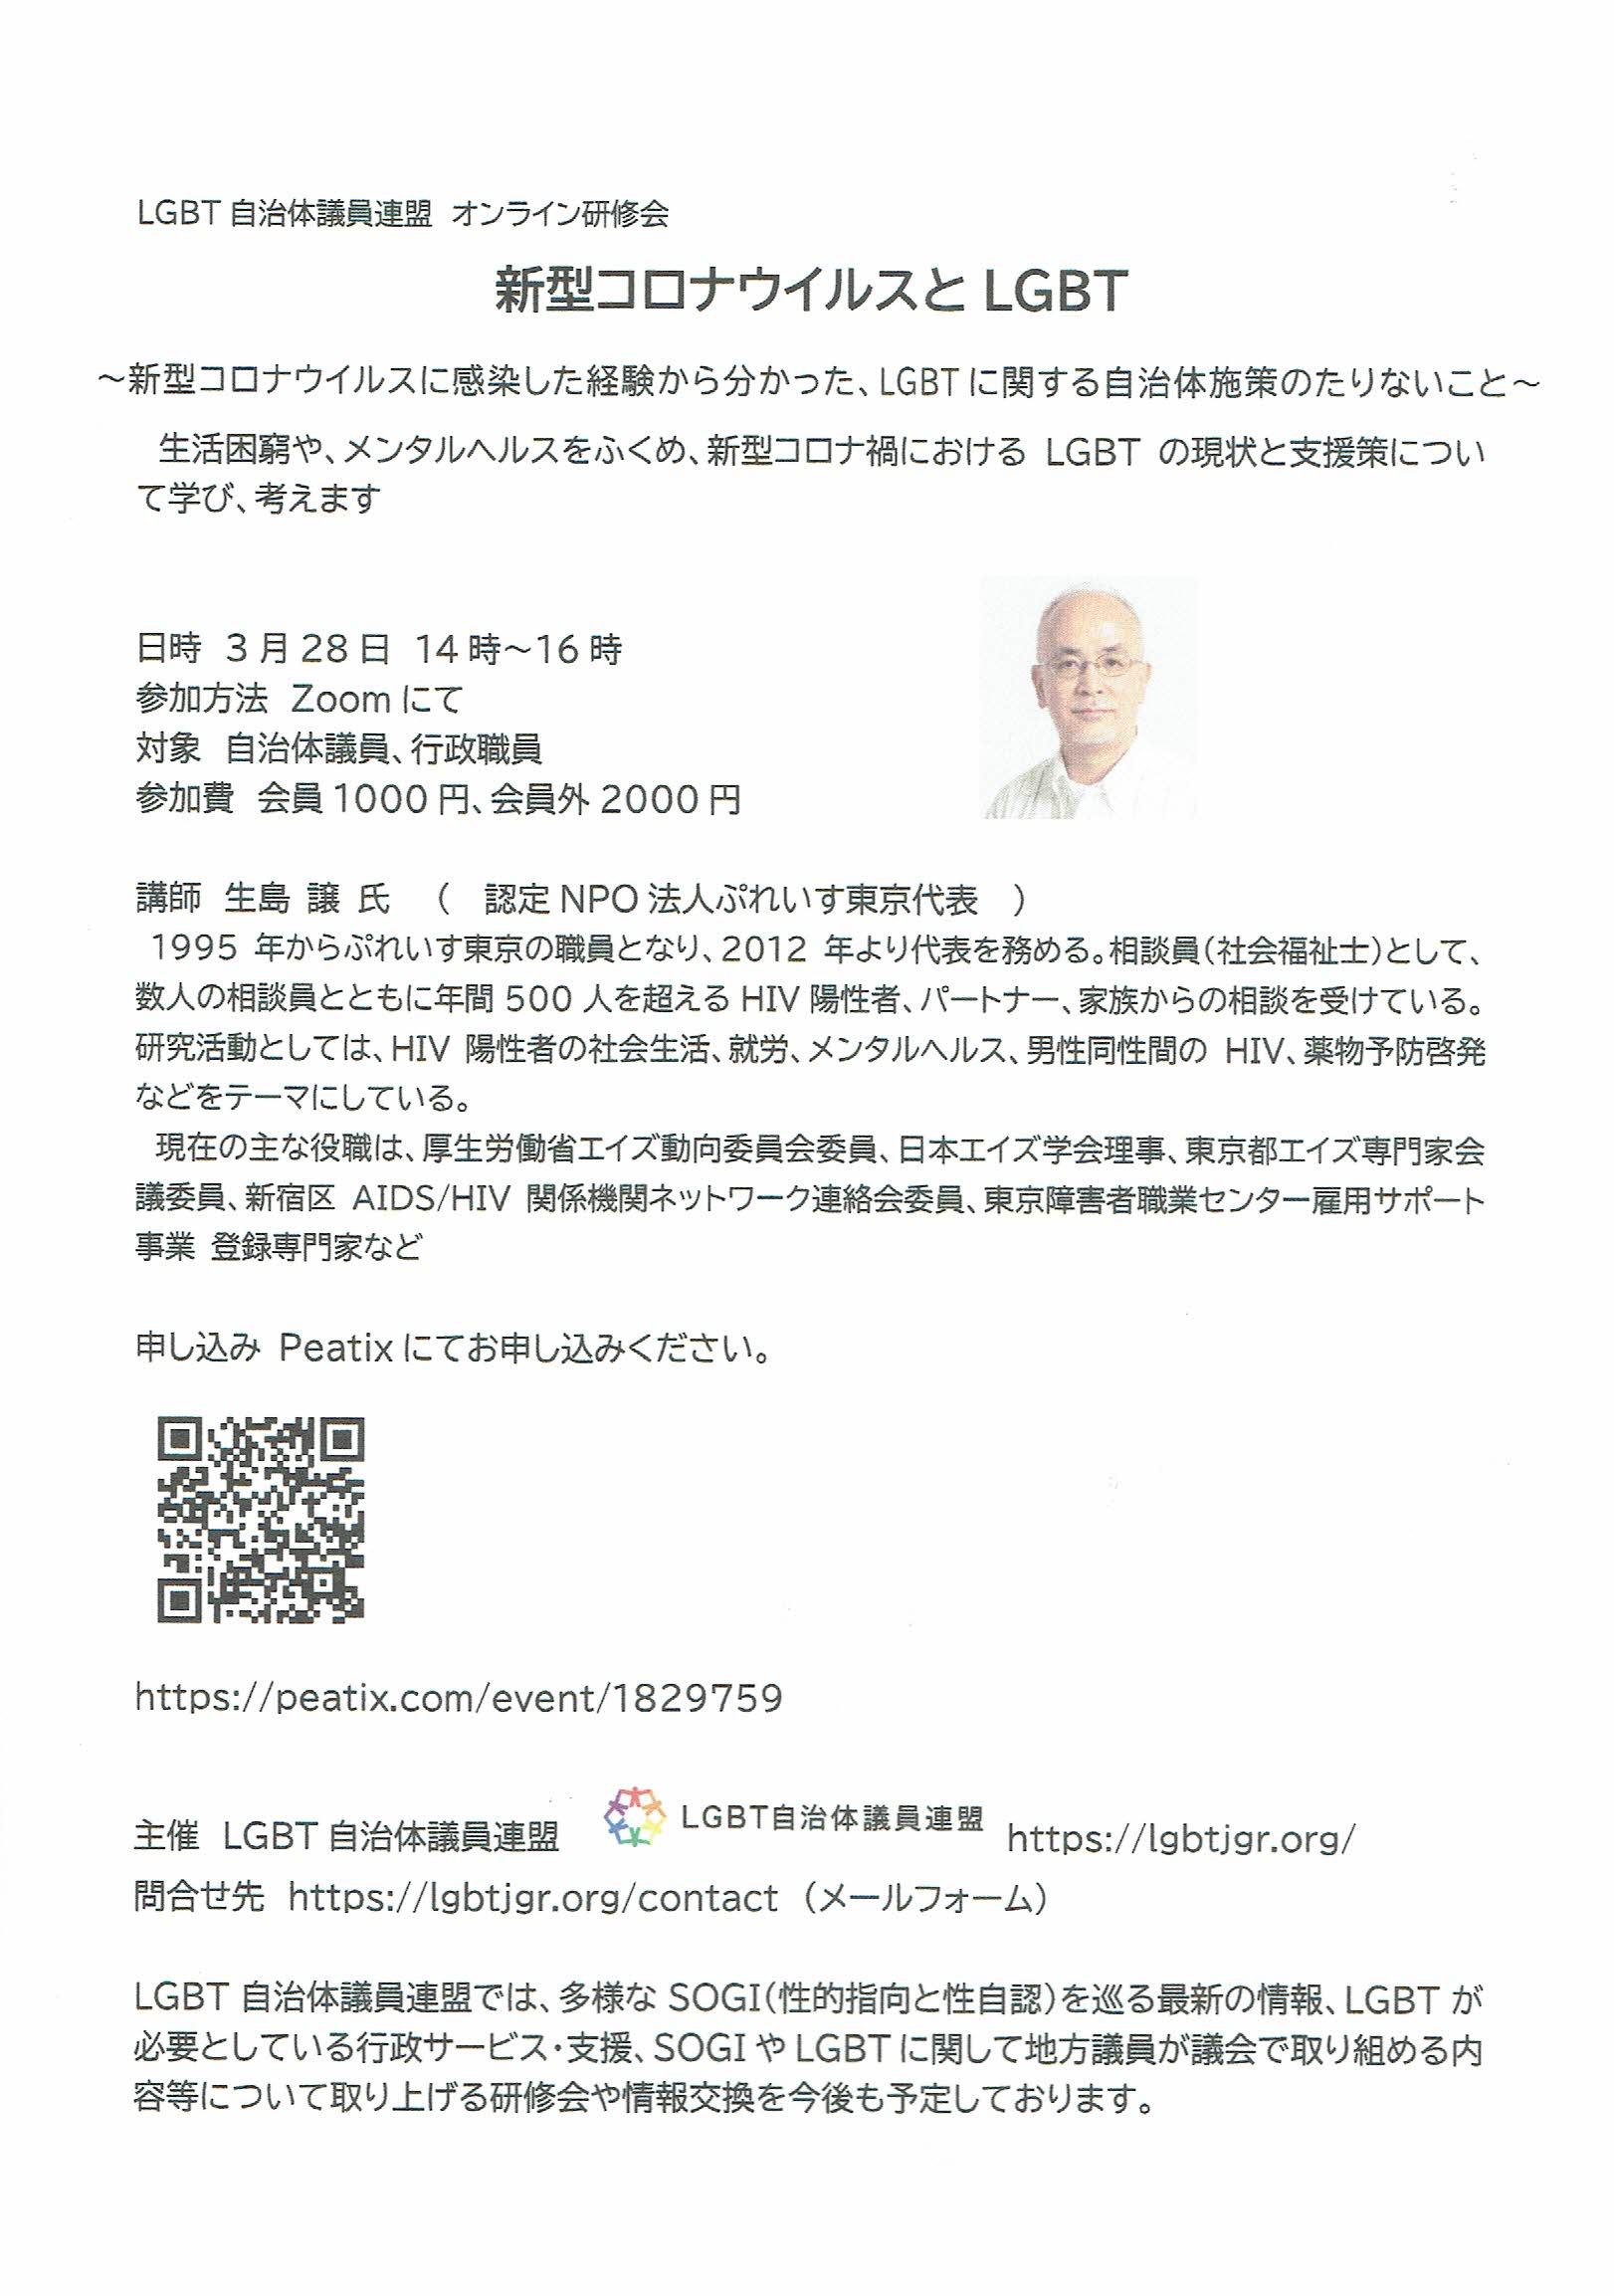 3月28日、LGBT自治体議員連盟研修会!!「新型コロナウィルスとLGBT]開催です。